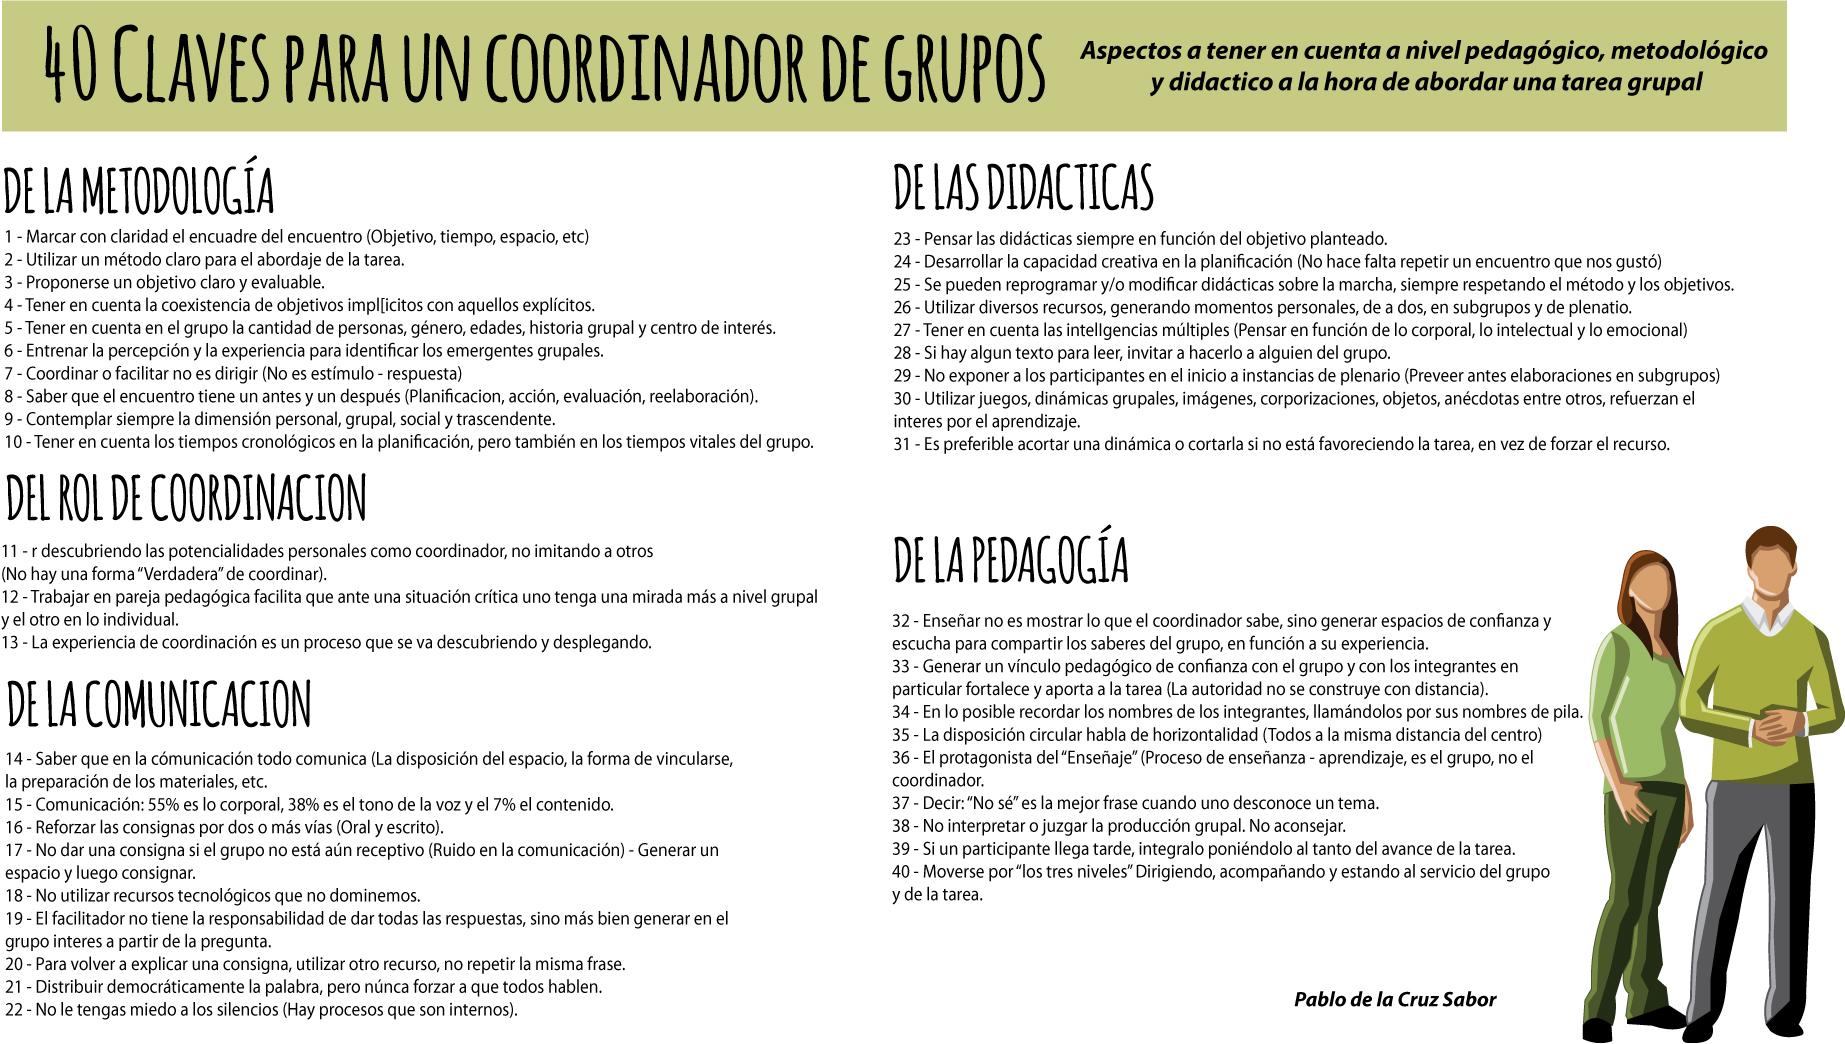 Claves-para-coordinar-grupos-en-HD